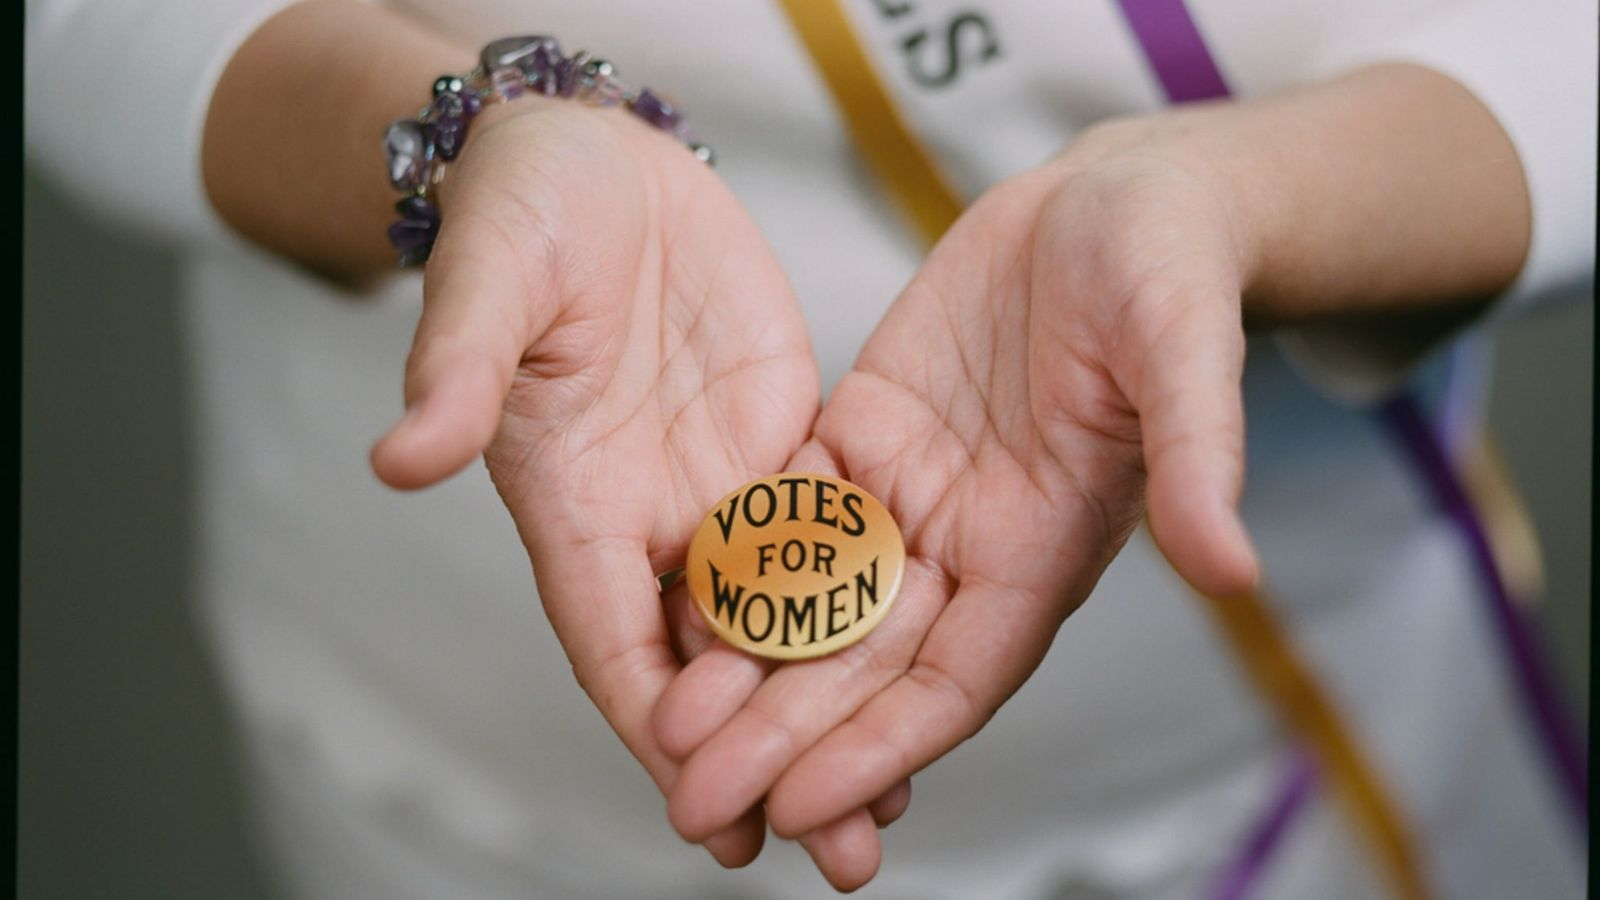 01-suffrage-symbolism